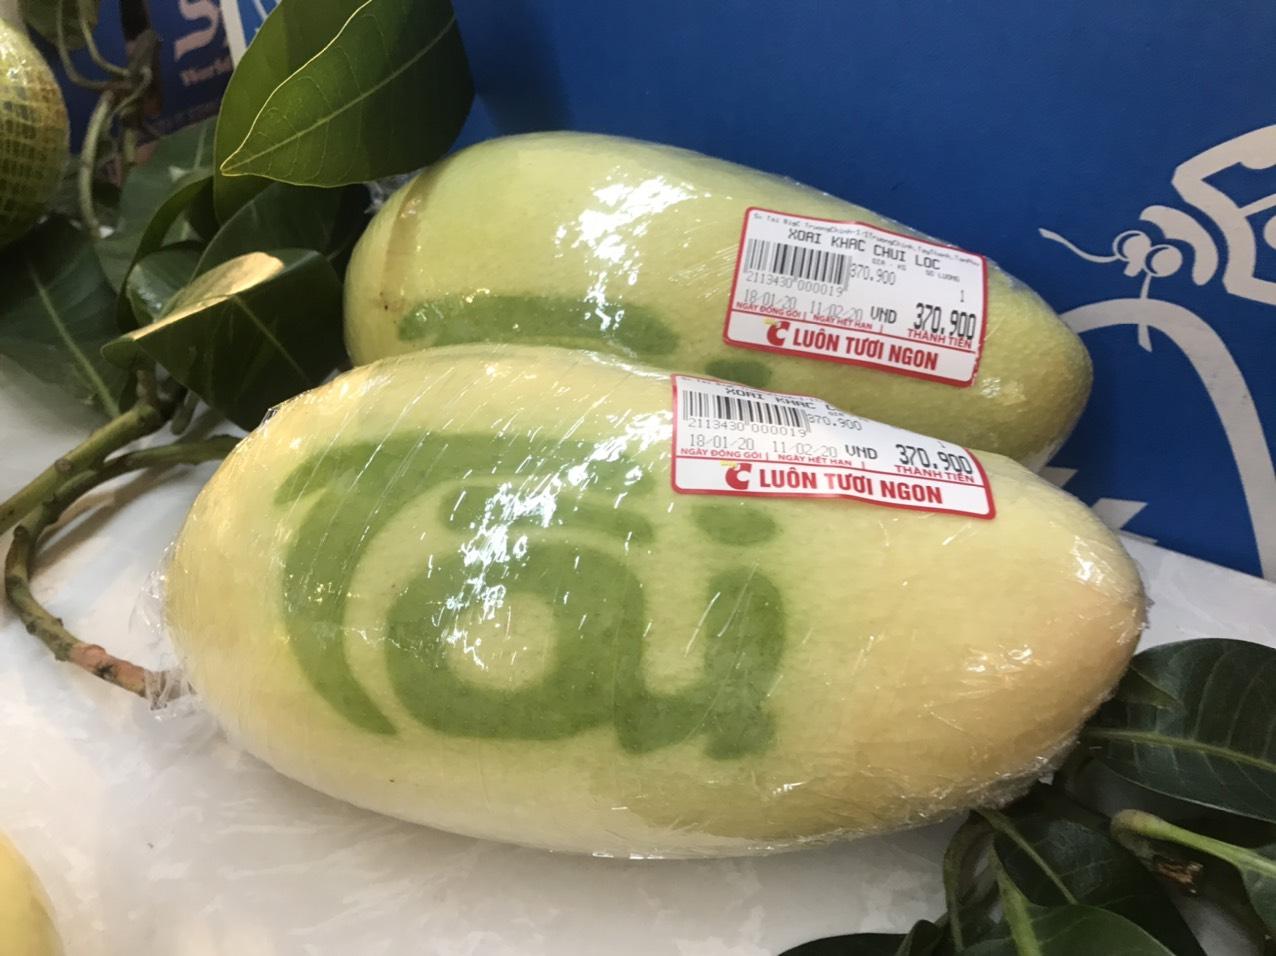 Ngoài dưa hấu, đu đủ, dừa,... xoài vàng cũng được khác chữ khá thú vị với giá